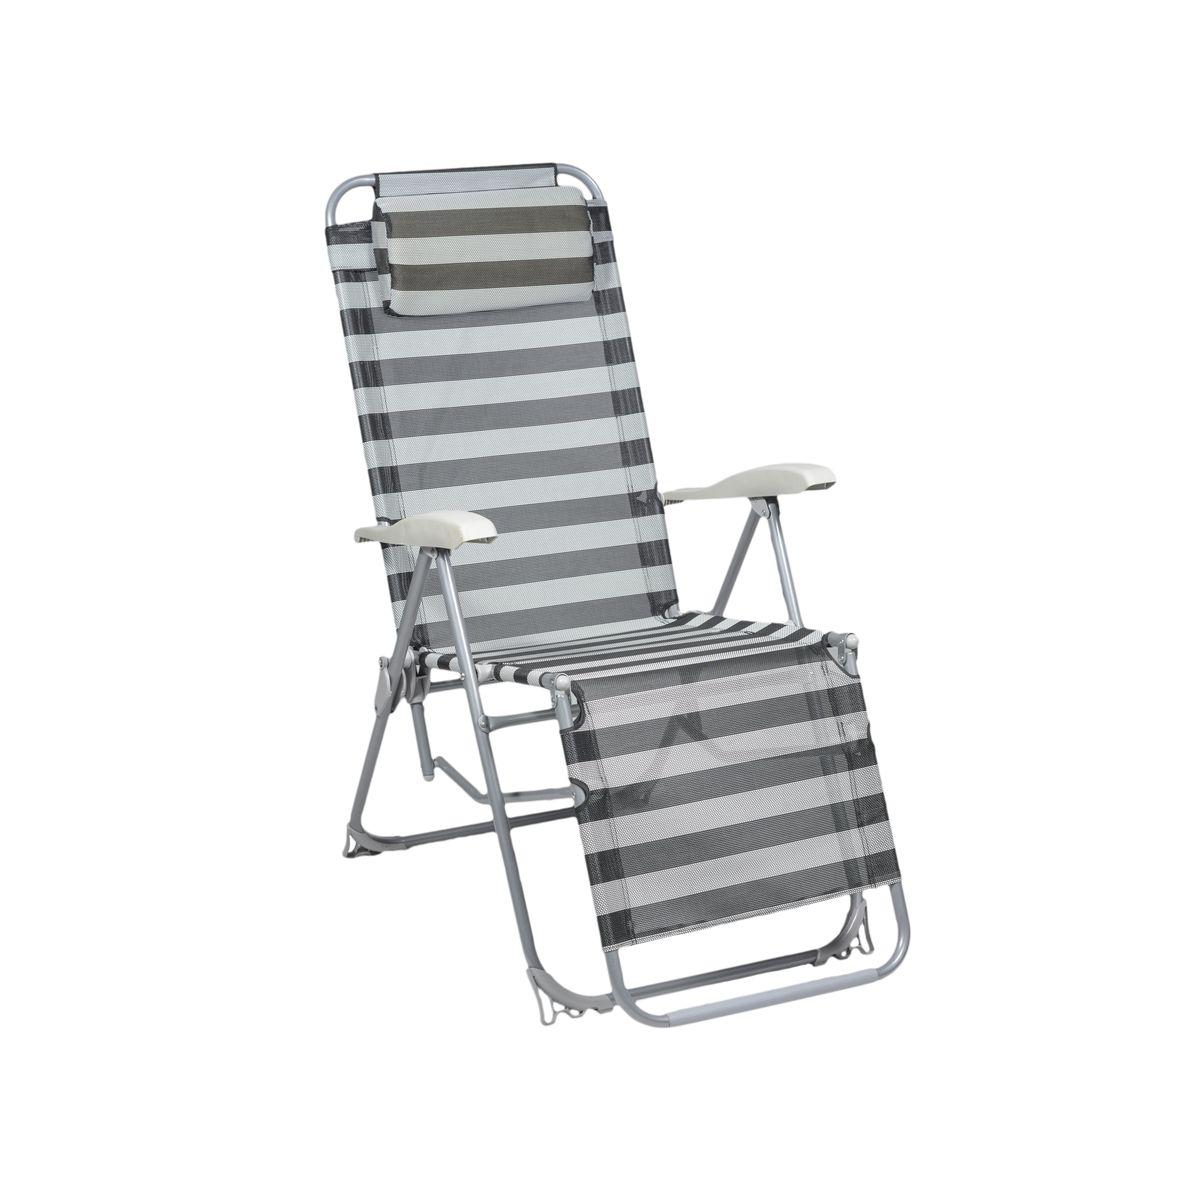 Кресло складное Green Glade, 84 х 64 х 110 см3220Складное кресло Green Glade предназначено для создания комфортных условий в туристических походах, рыбалке и кемпинге. Особенности: Компактная складная конструкция. Прочный стальной каркас 22 мм. Ткань Textilene обеспечивает отличную вентиляцию. Пластиковые подлокотники.